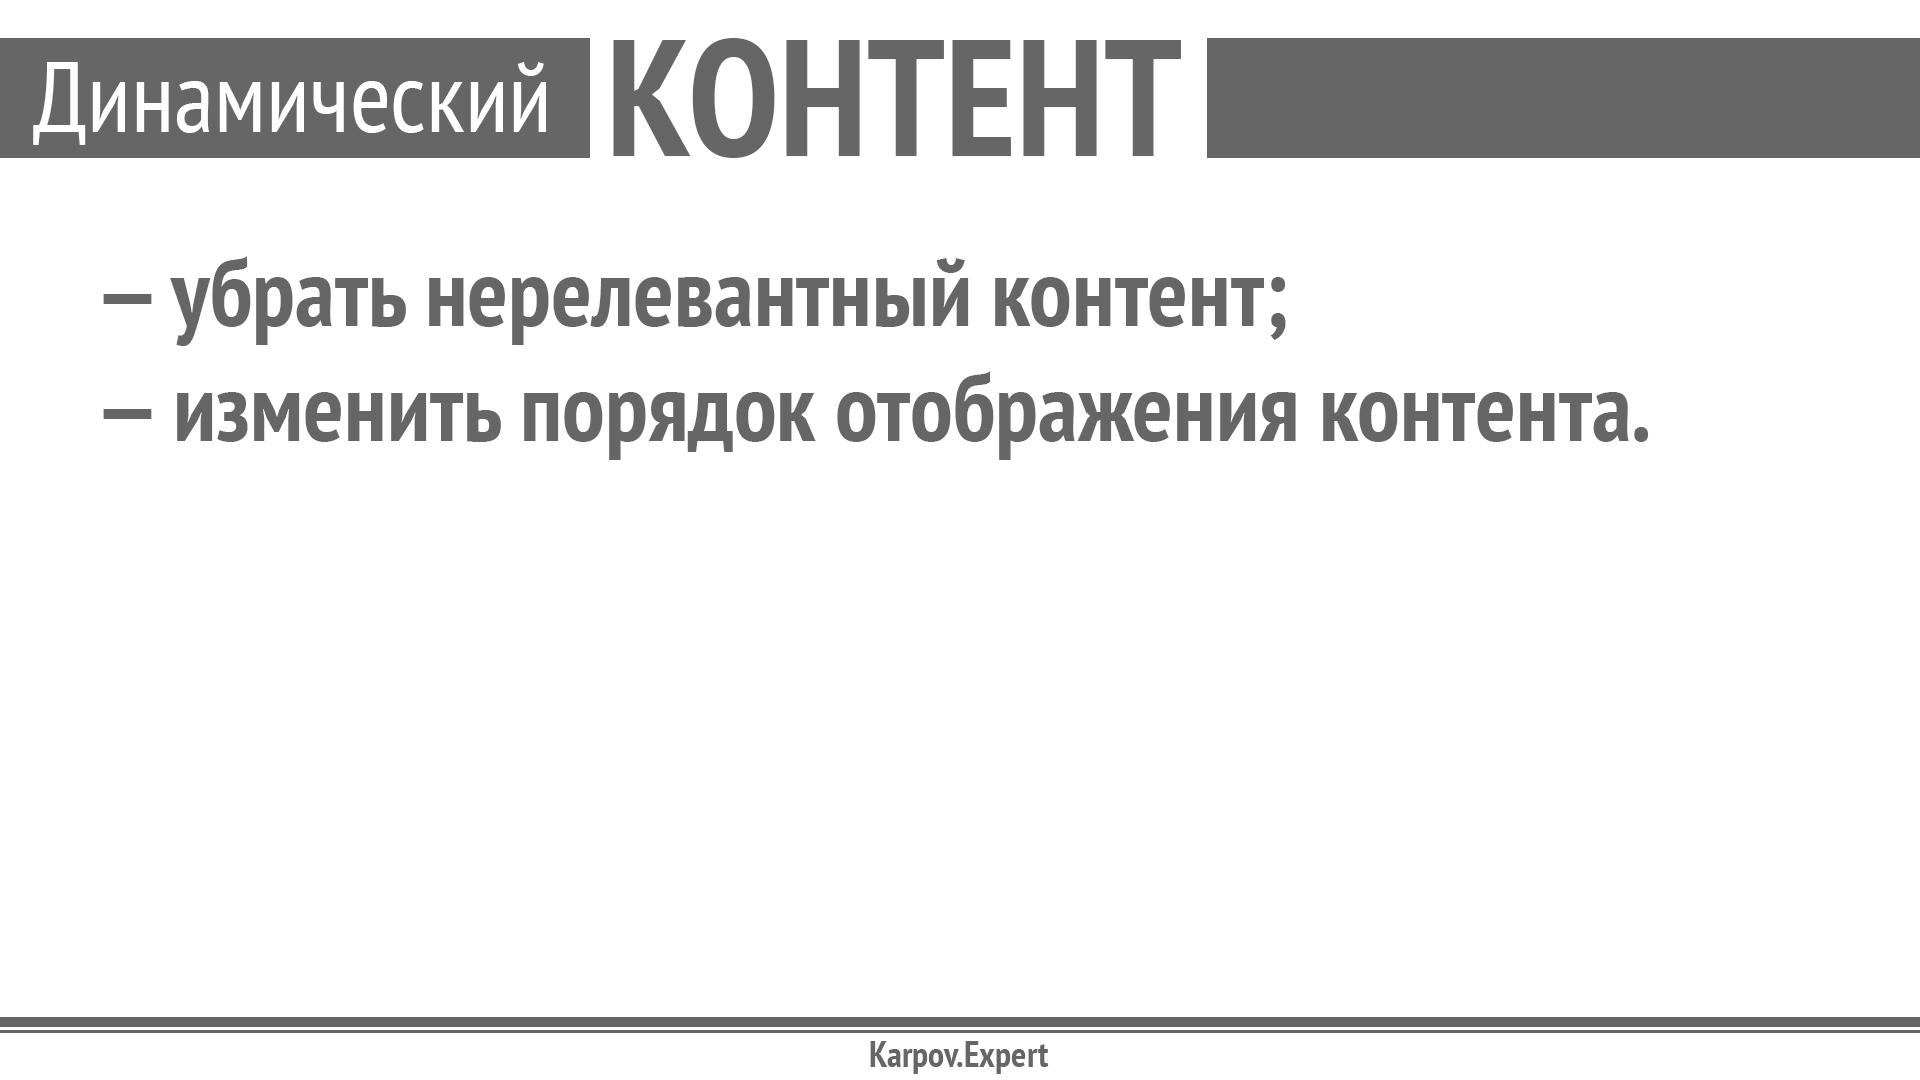 Karpov-WordCamp2019_Page_45